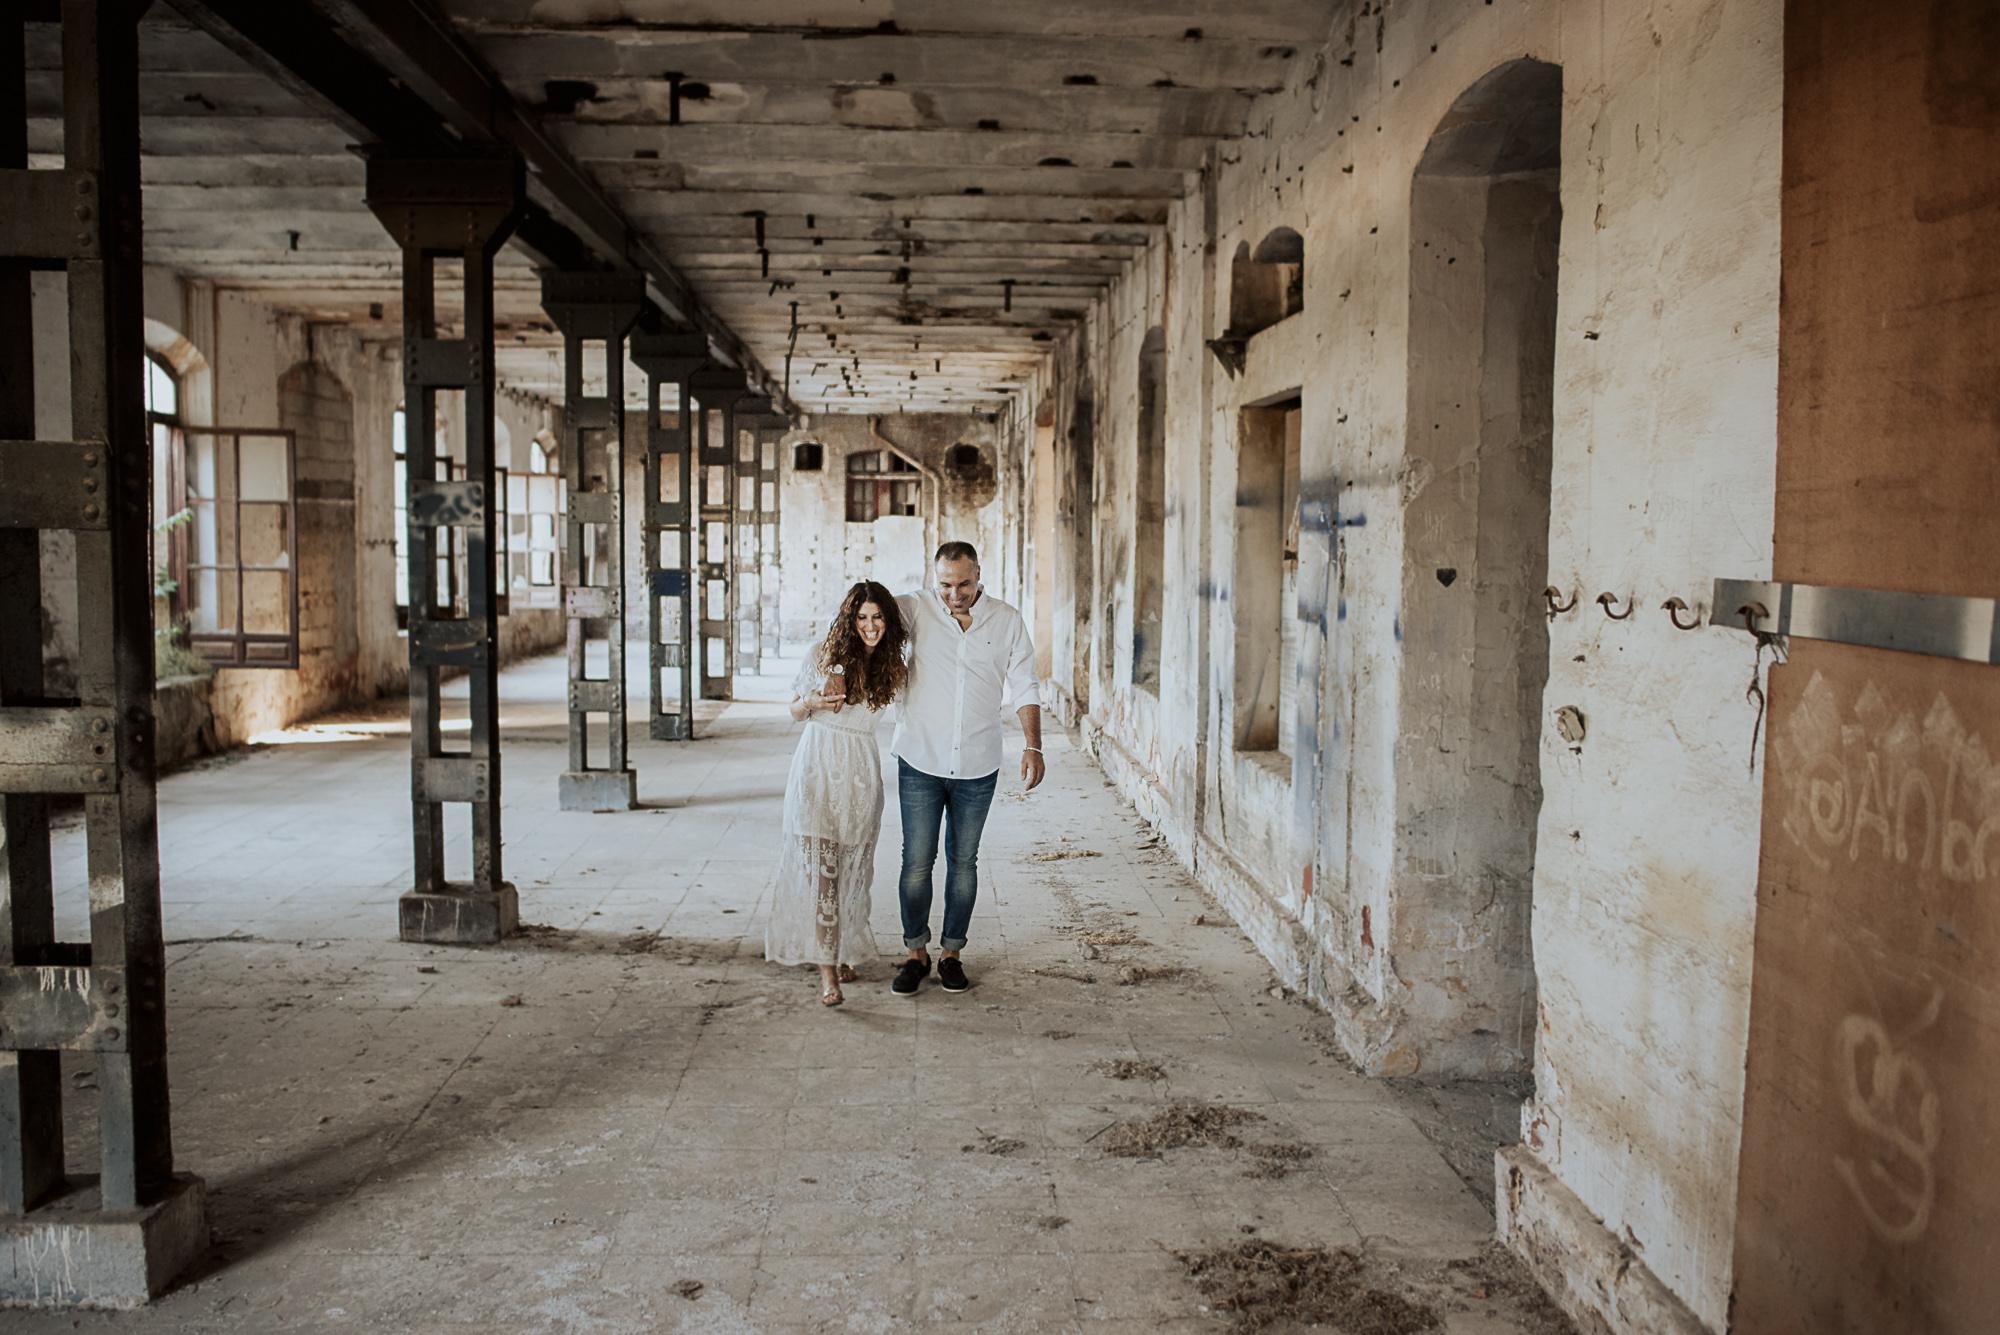 garatefotografia-fotografo-de-boda-en-Granada (16)